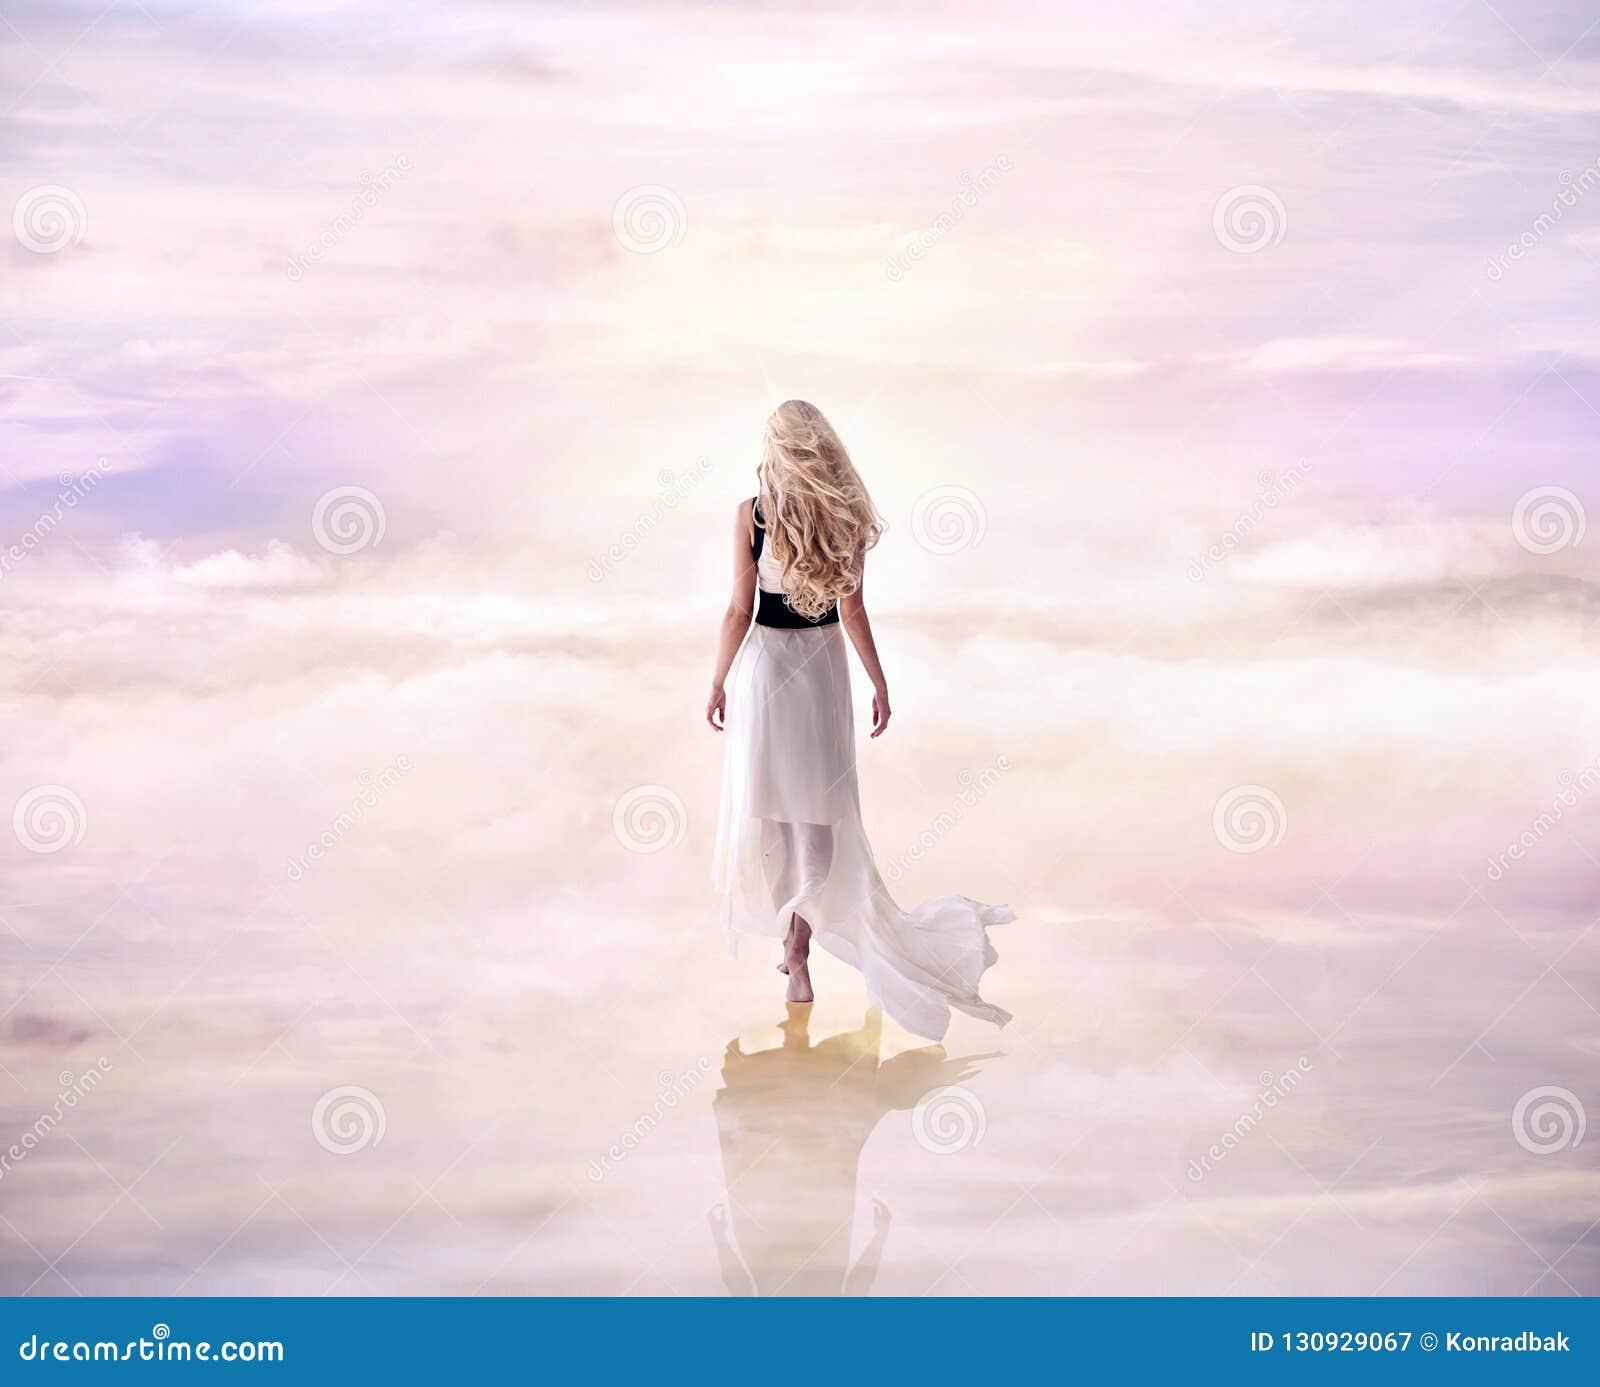 Begriffsbild einer blonden Dame, die auf das empfindliche, fluf geht